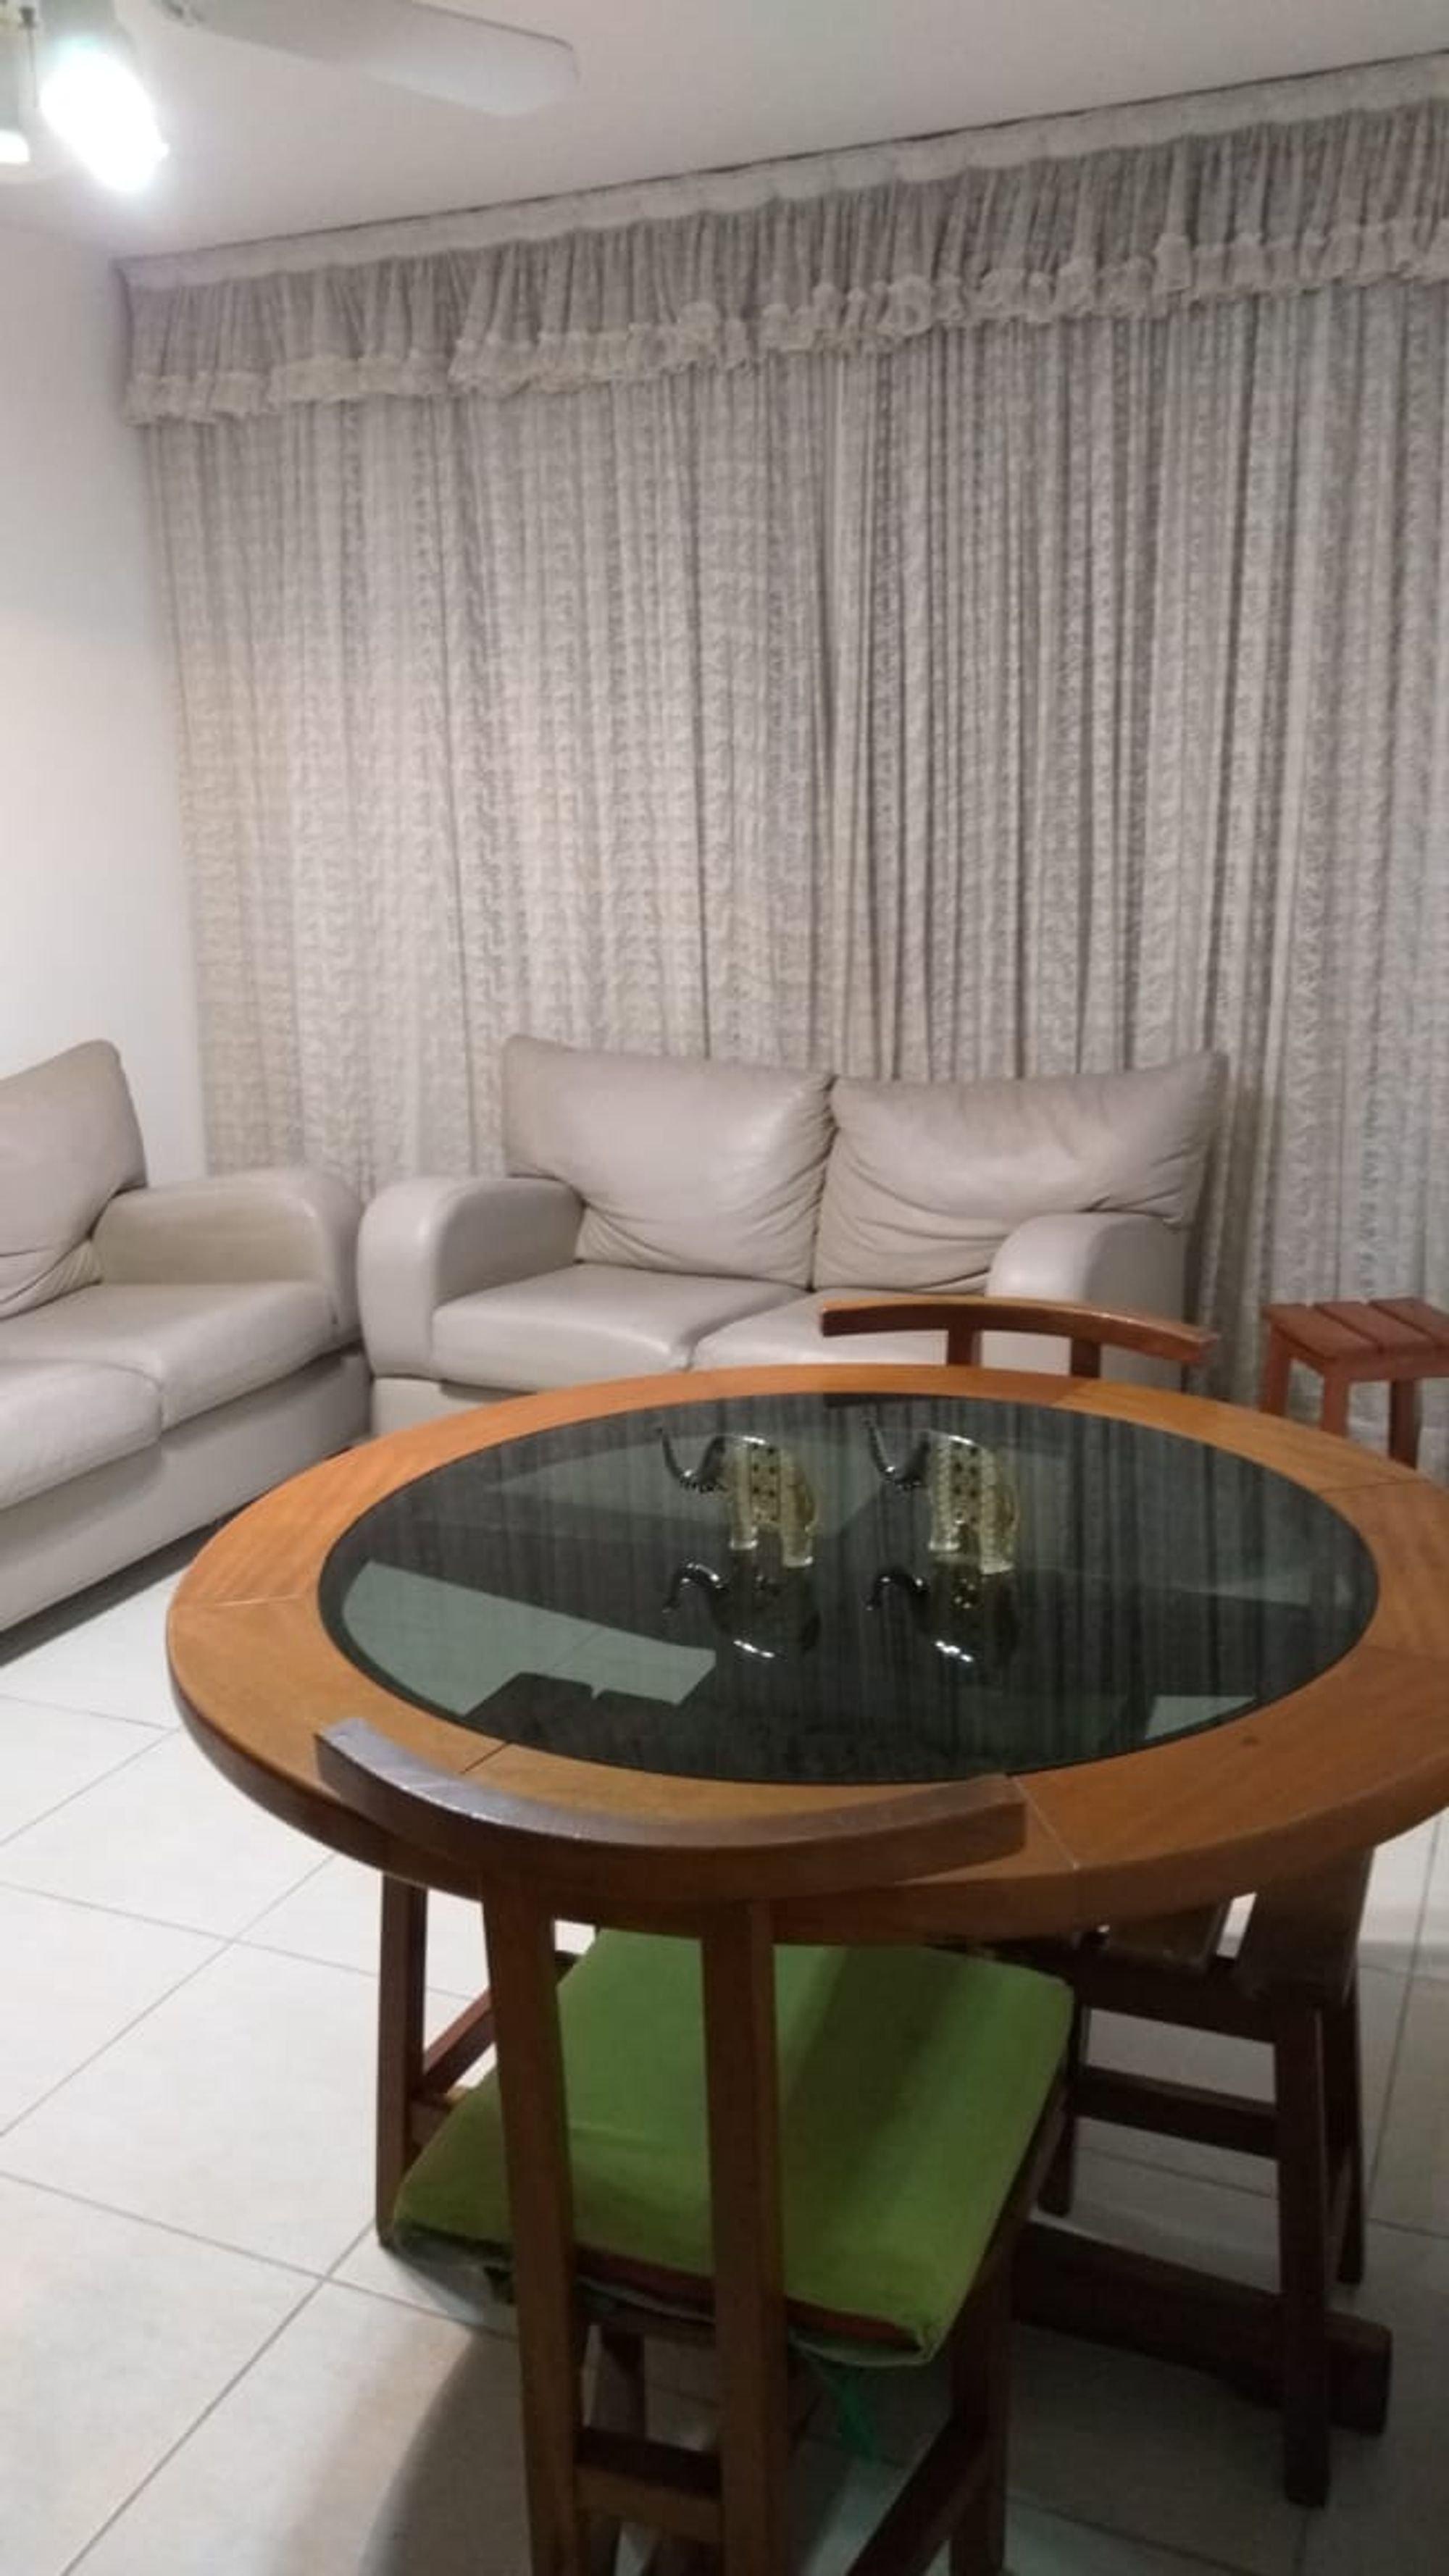 Foto de Sala com sofá, mesa de jantar